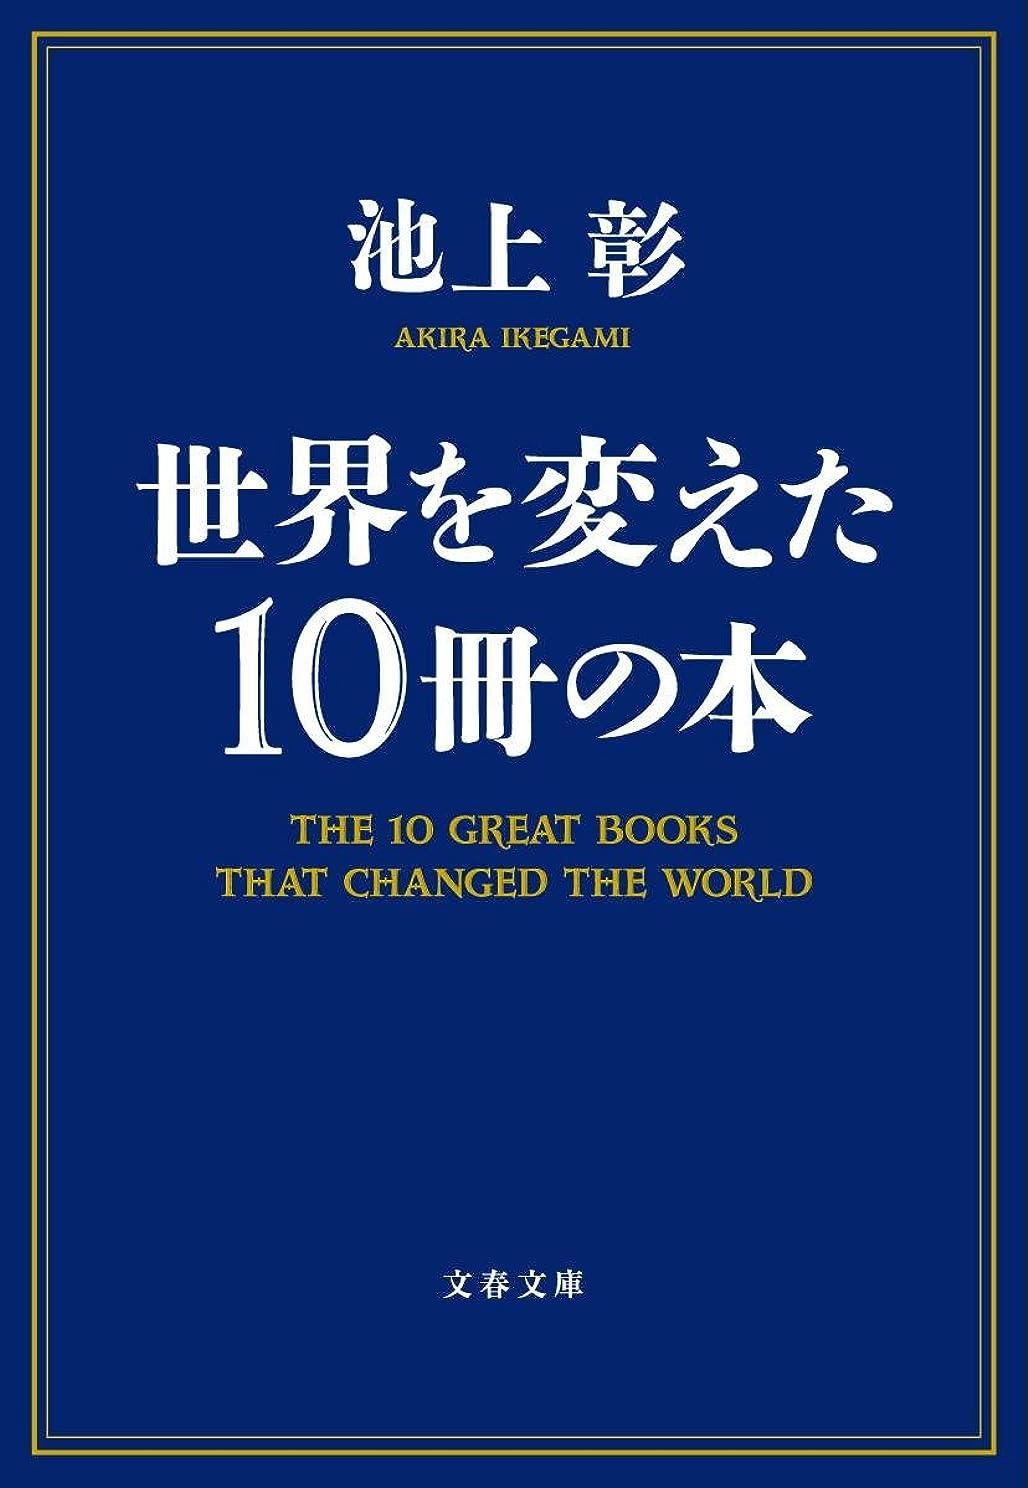 パール明るくする見分ける世界を変えた10冊の本 (文春文庫)